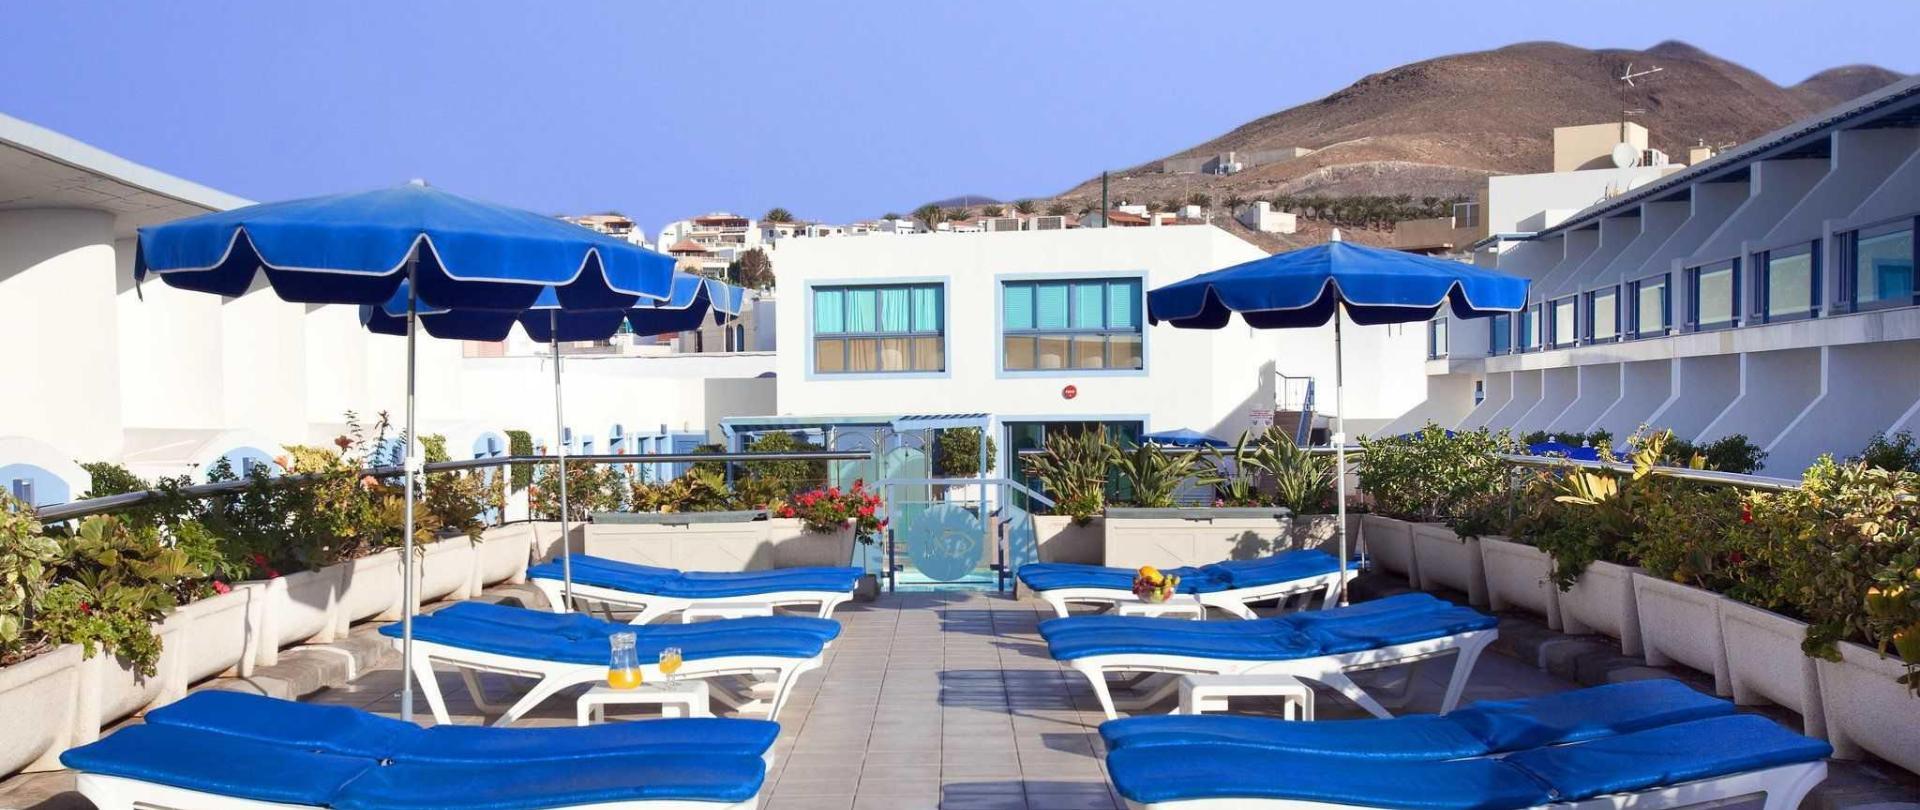 piscinas-y-solarium-6.jpg